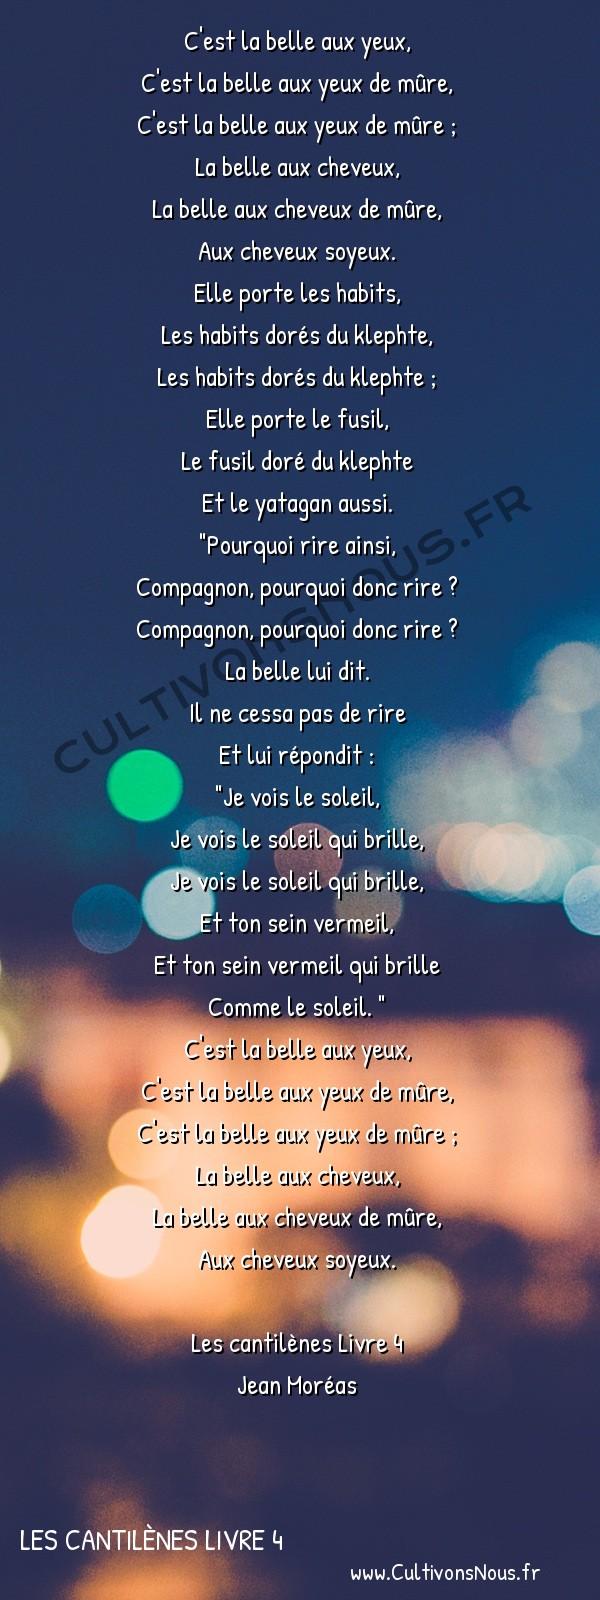 Poésie Jean Moréas - Les cantilènes Livre 4 - Airs de danse -  C'est la belle aux yeux, C'est la belle aux yeux de mûre,